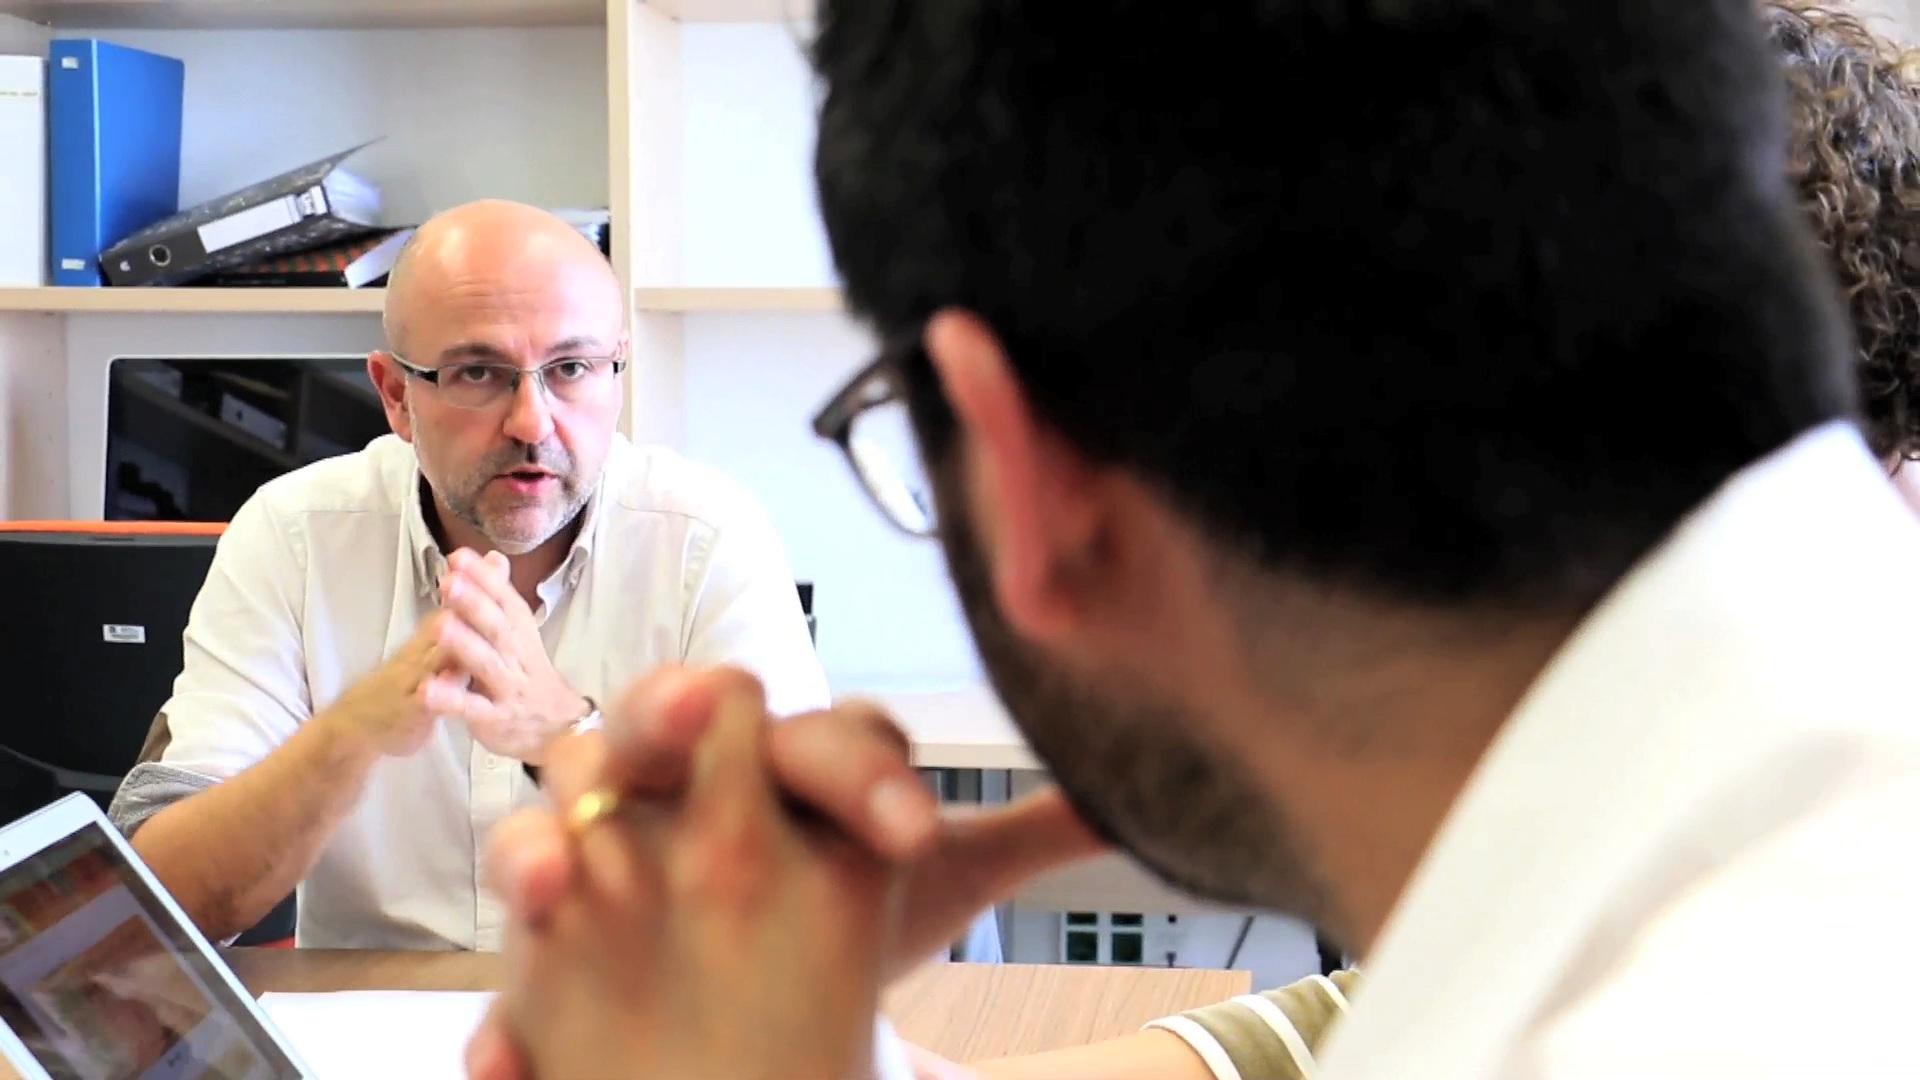 Els vídeos mostren l'investigador al seu entorn de treball. A la fotografia, Sergio Nasarre, director de la Càtedra d'Habitatge de la URV.